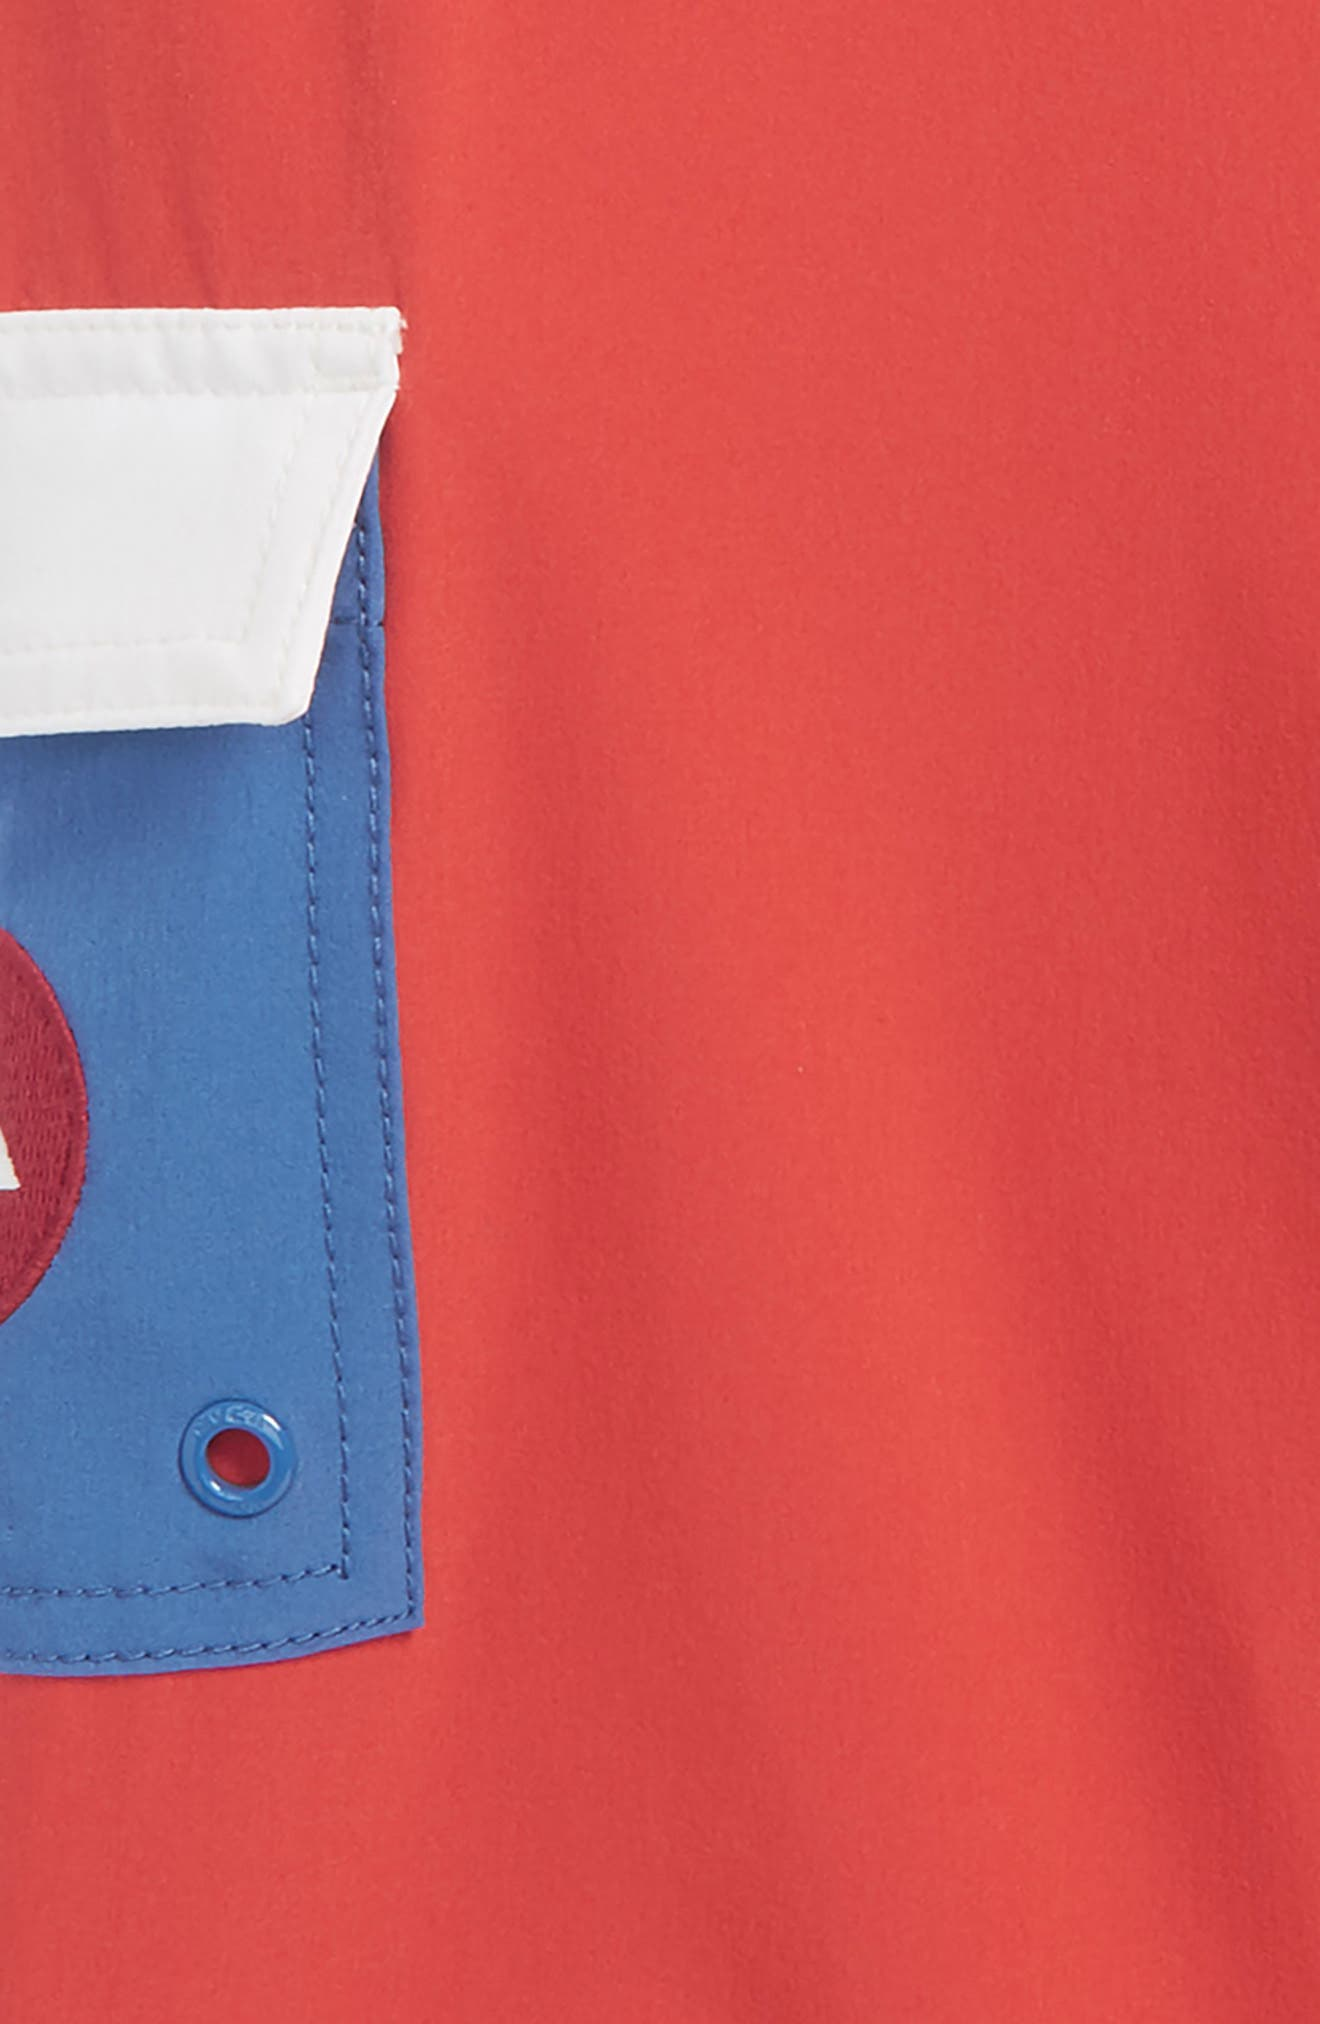 'Eastern' Scalloped Hem Board Shorts,                             Alternate thumbnail 3, color,                             Baked Apple